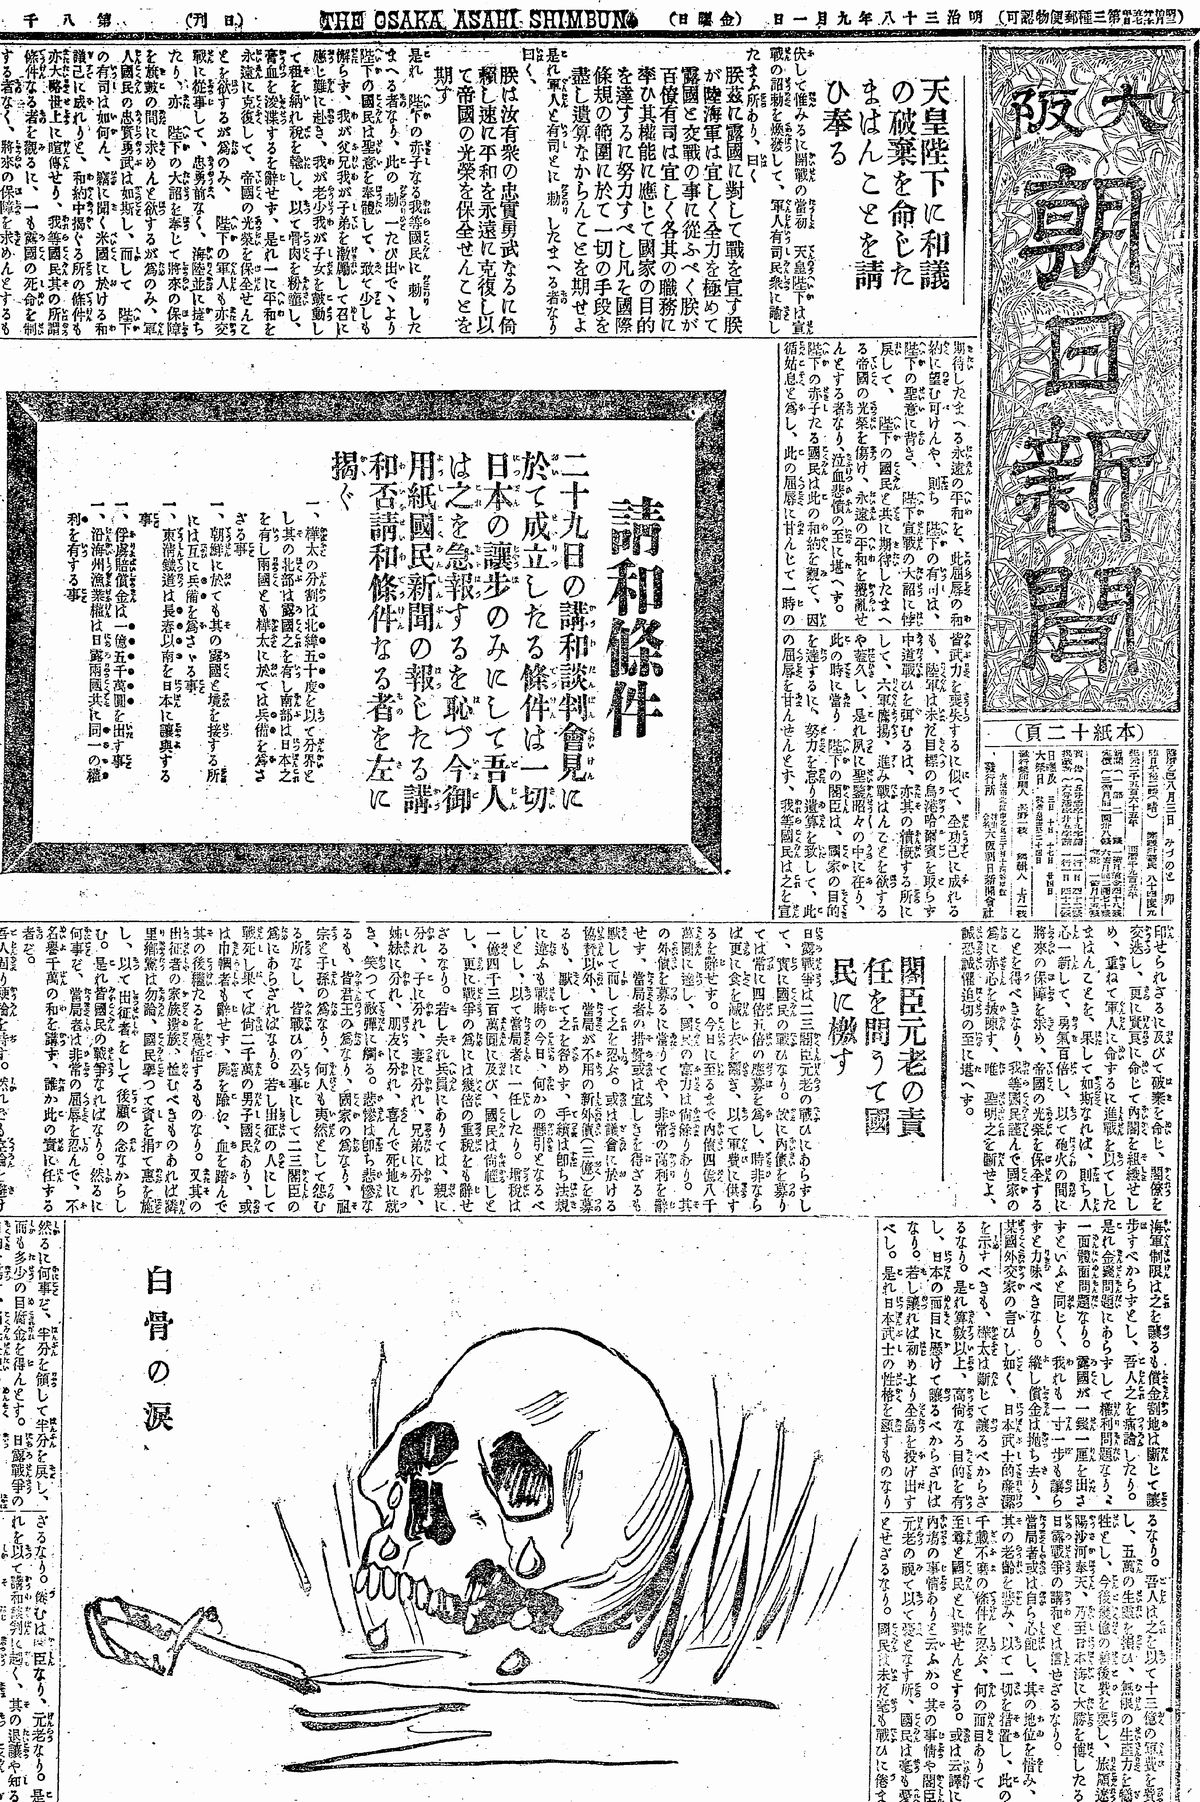 写真・図版 : 1905年9月1日付の大阪朝日新聞。ロシアとの講和をあえて「請和」と見出しにとり、「日本の譲歩のみにして急報するを恥ず」と書いた。戦死した兵士の無念を表す「白骨の涙」という挿絵も